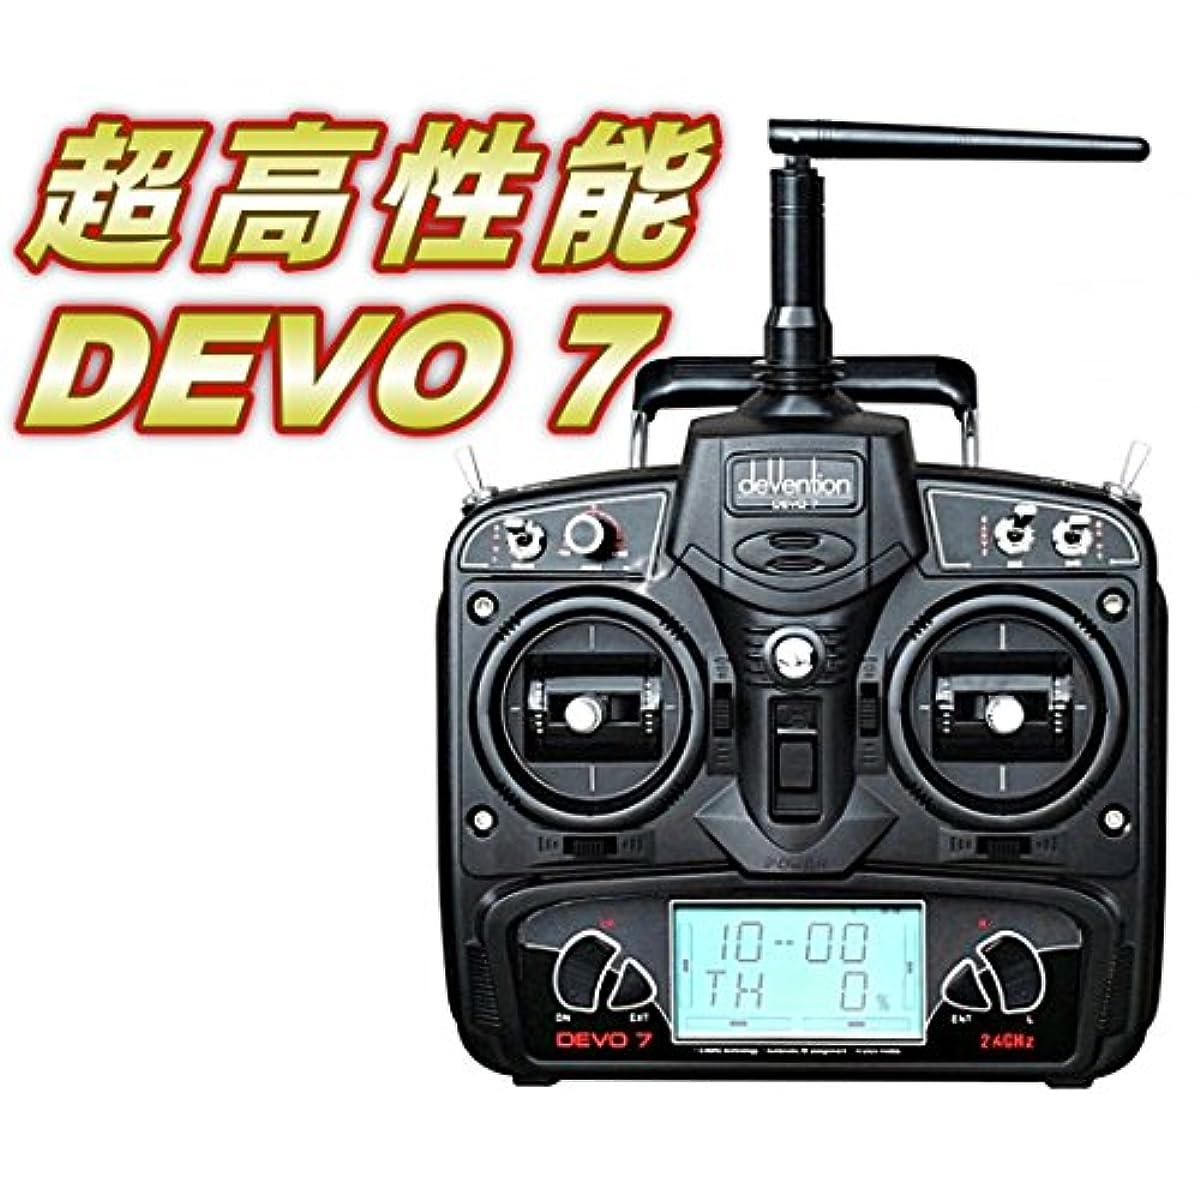 [해외] 라디오 컨트롤 헬리콥터 WALKERA DEVO7송신기2.4GHZ (MODE2)(DEVO-7-M2) ORI RC 【기술적전파법 일본 국내 인증 완료/일본어 설명서부】